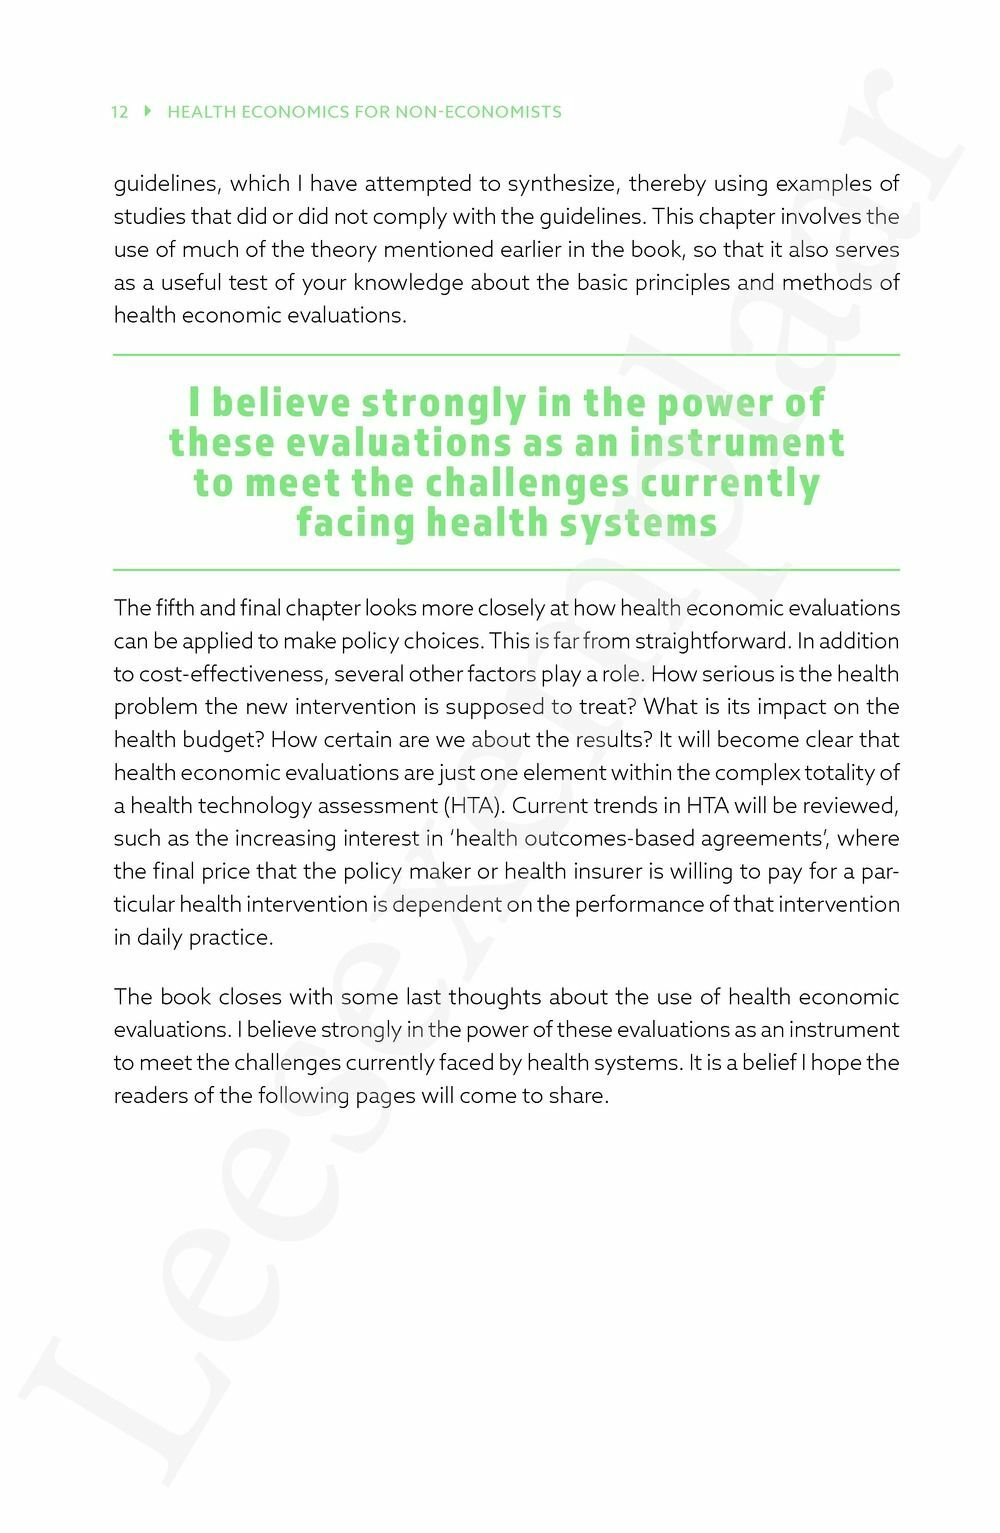 Preview: Health economics for non-economists